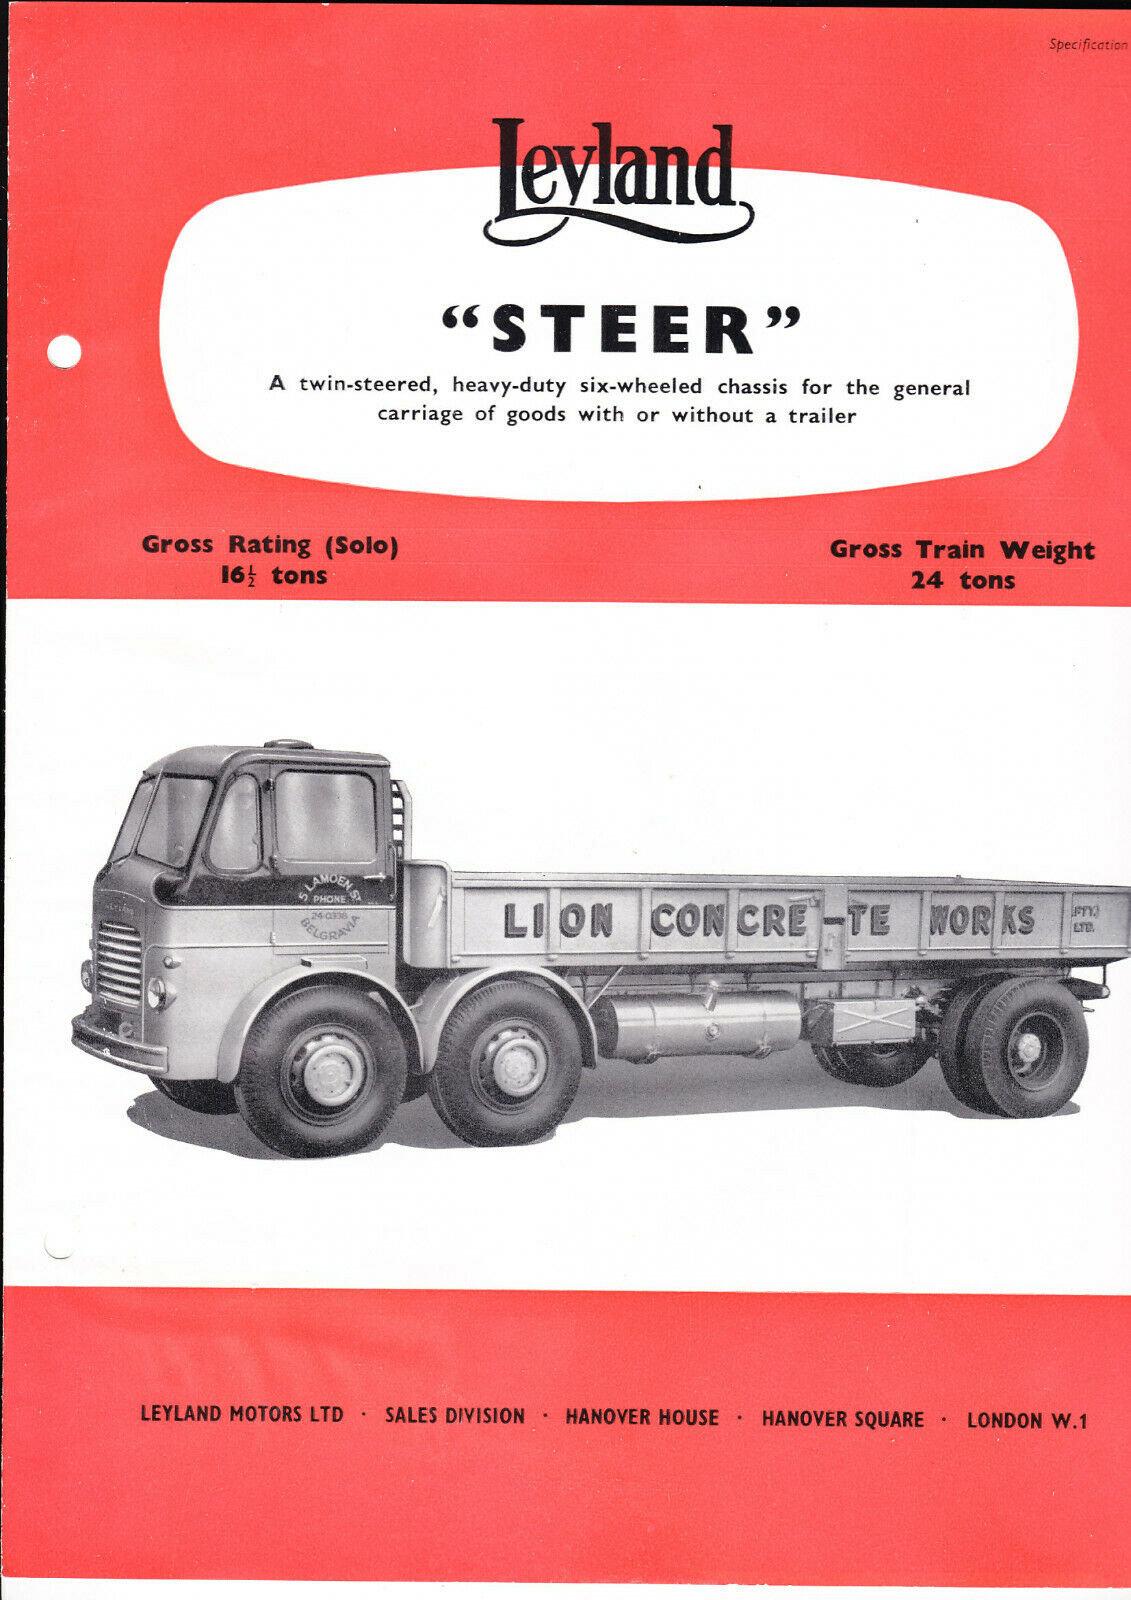 leyland steer.1957